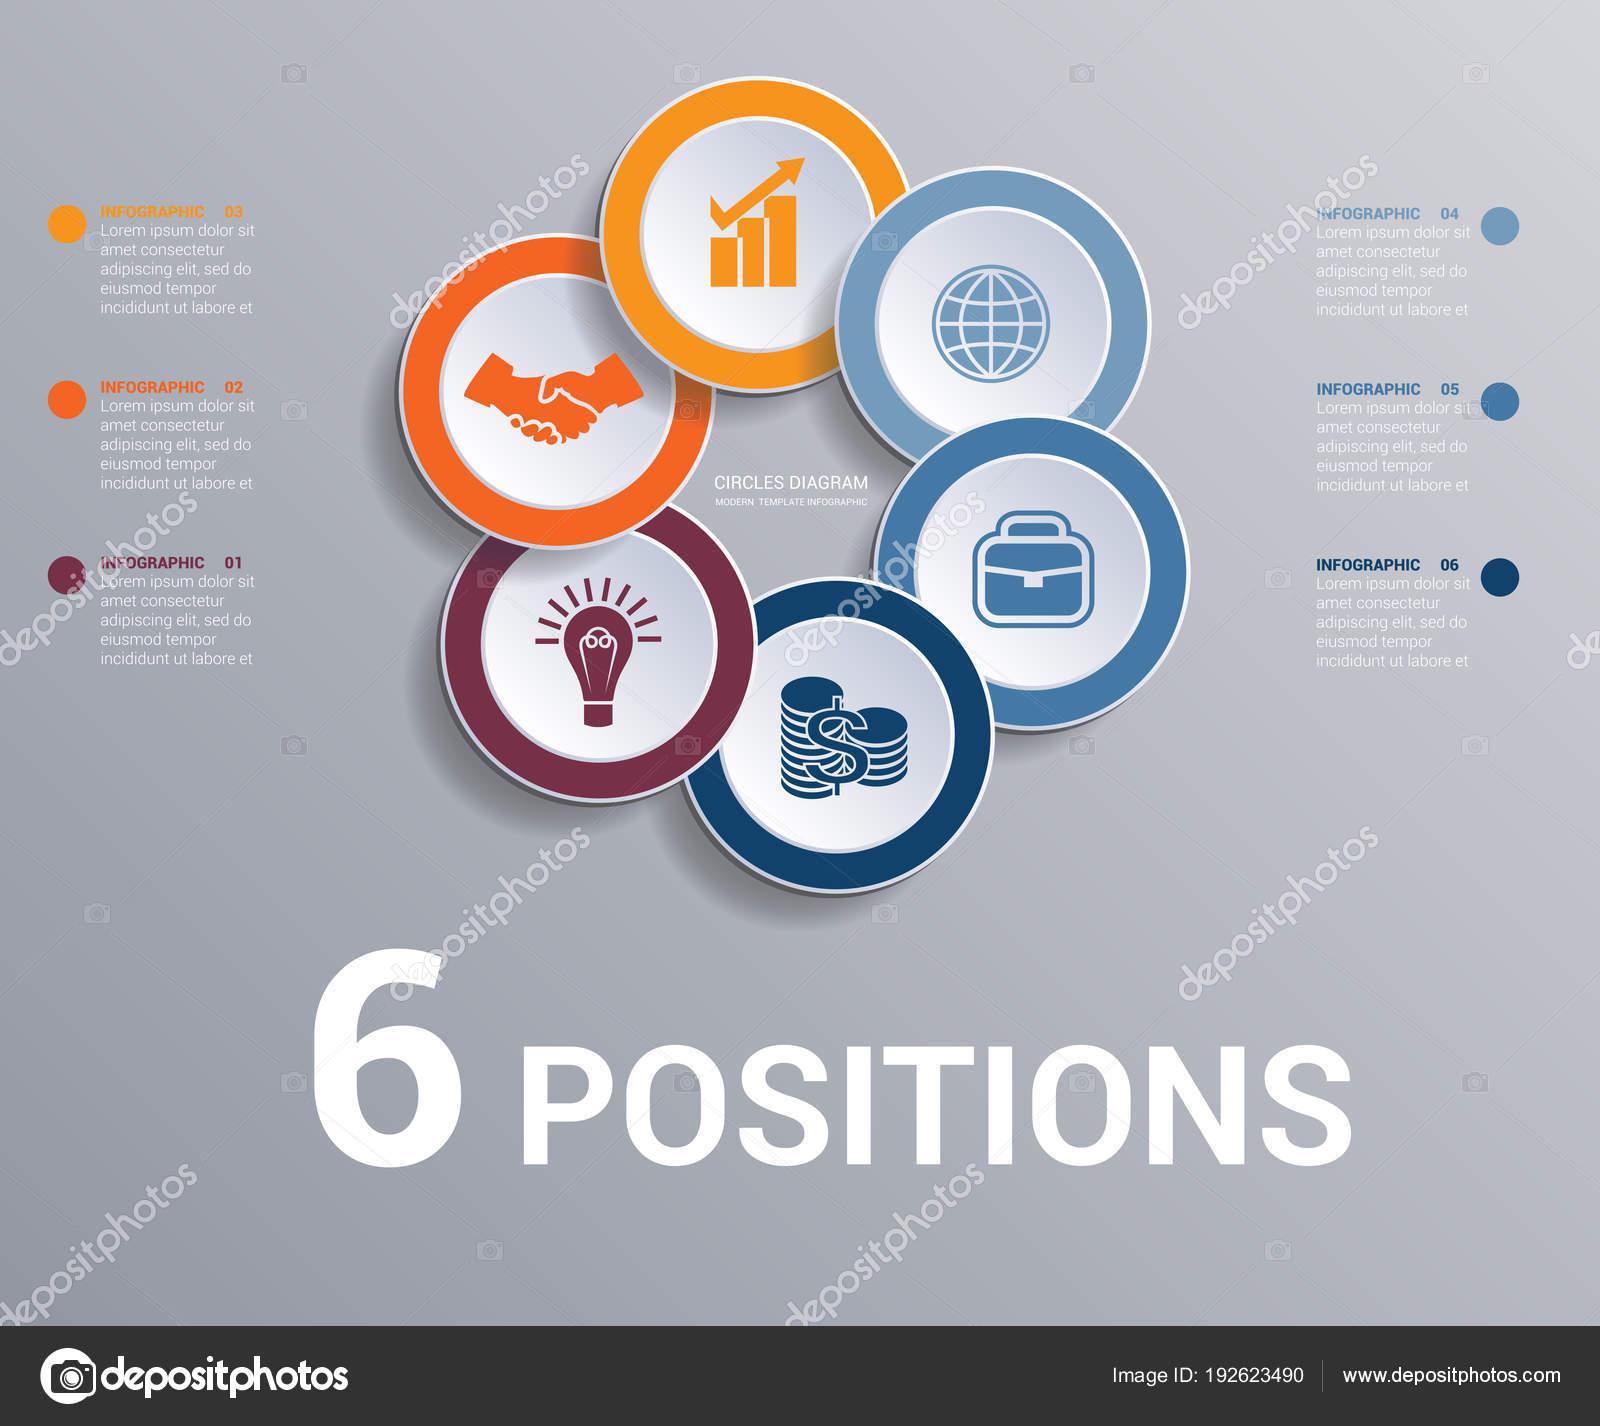 Kreise Diagramm Daten Elemente Vorlage Infografiken 6 Positionen ...